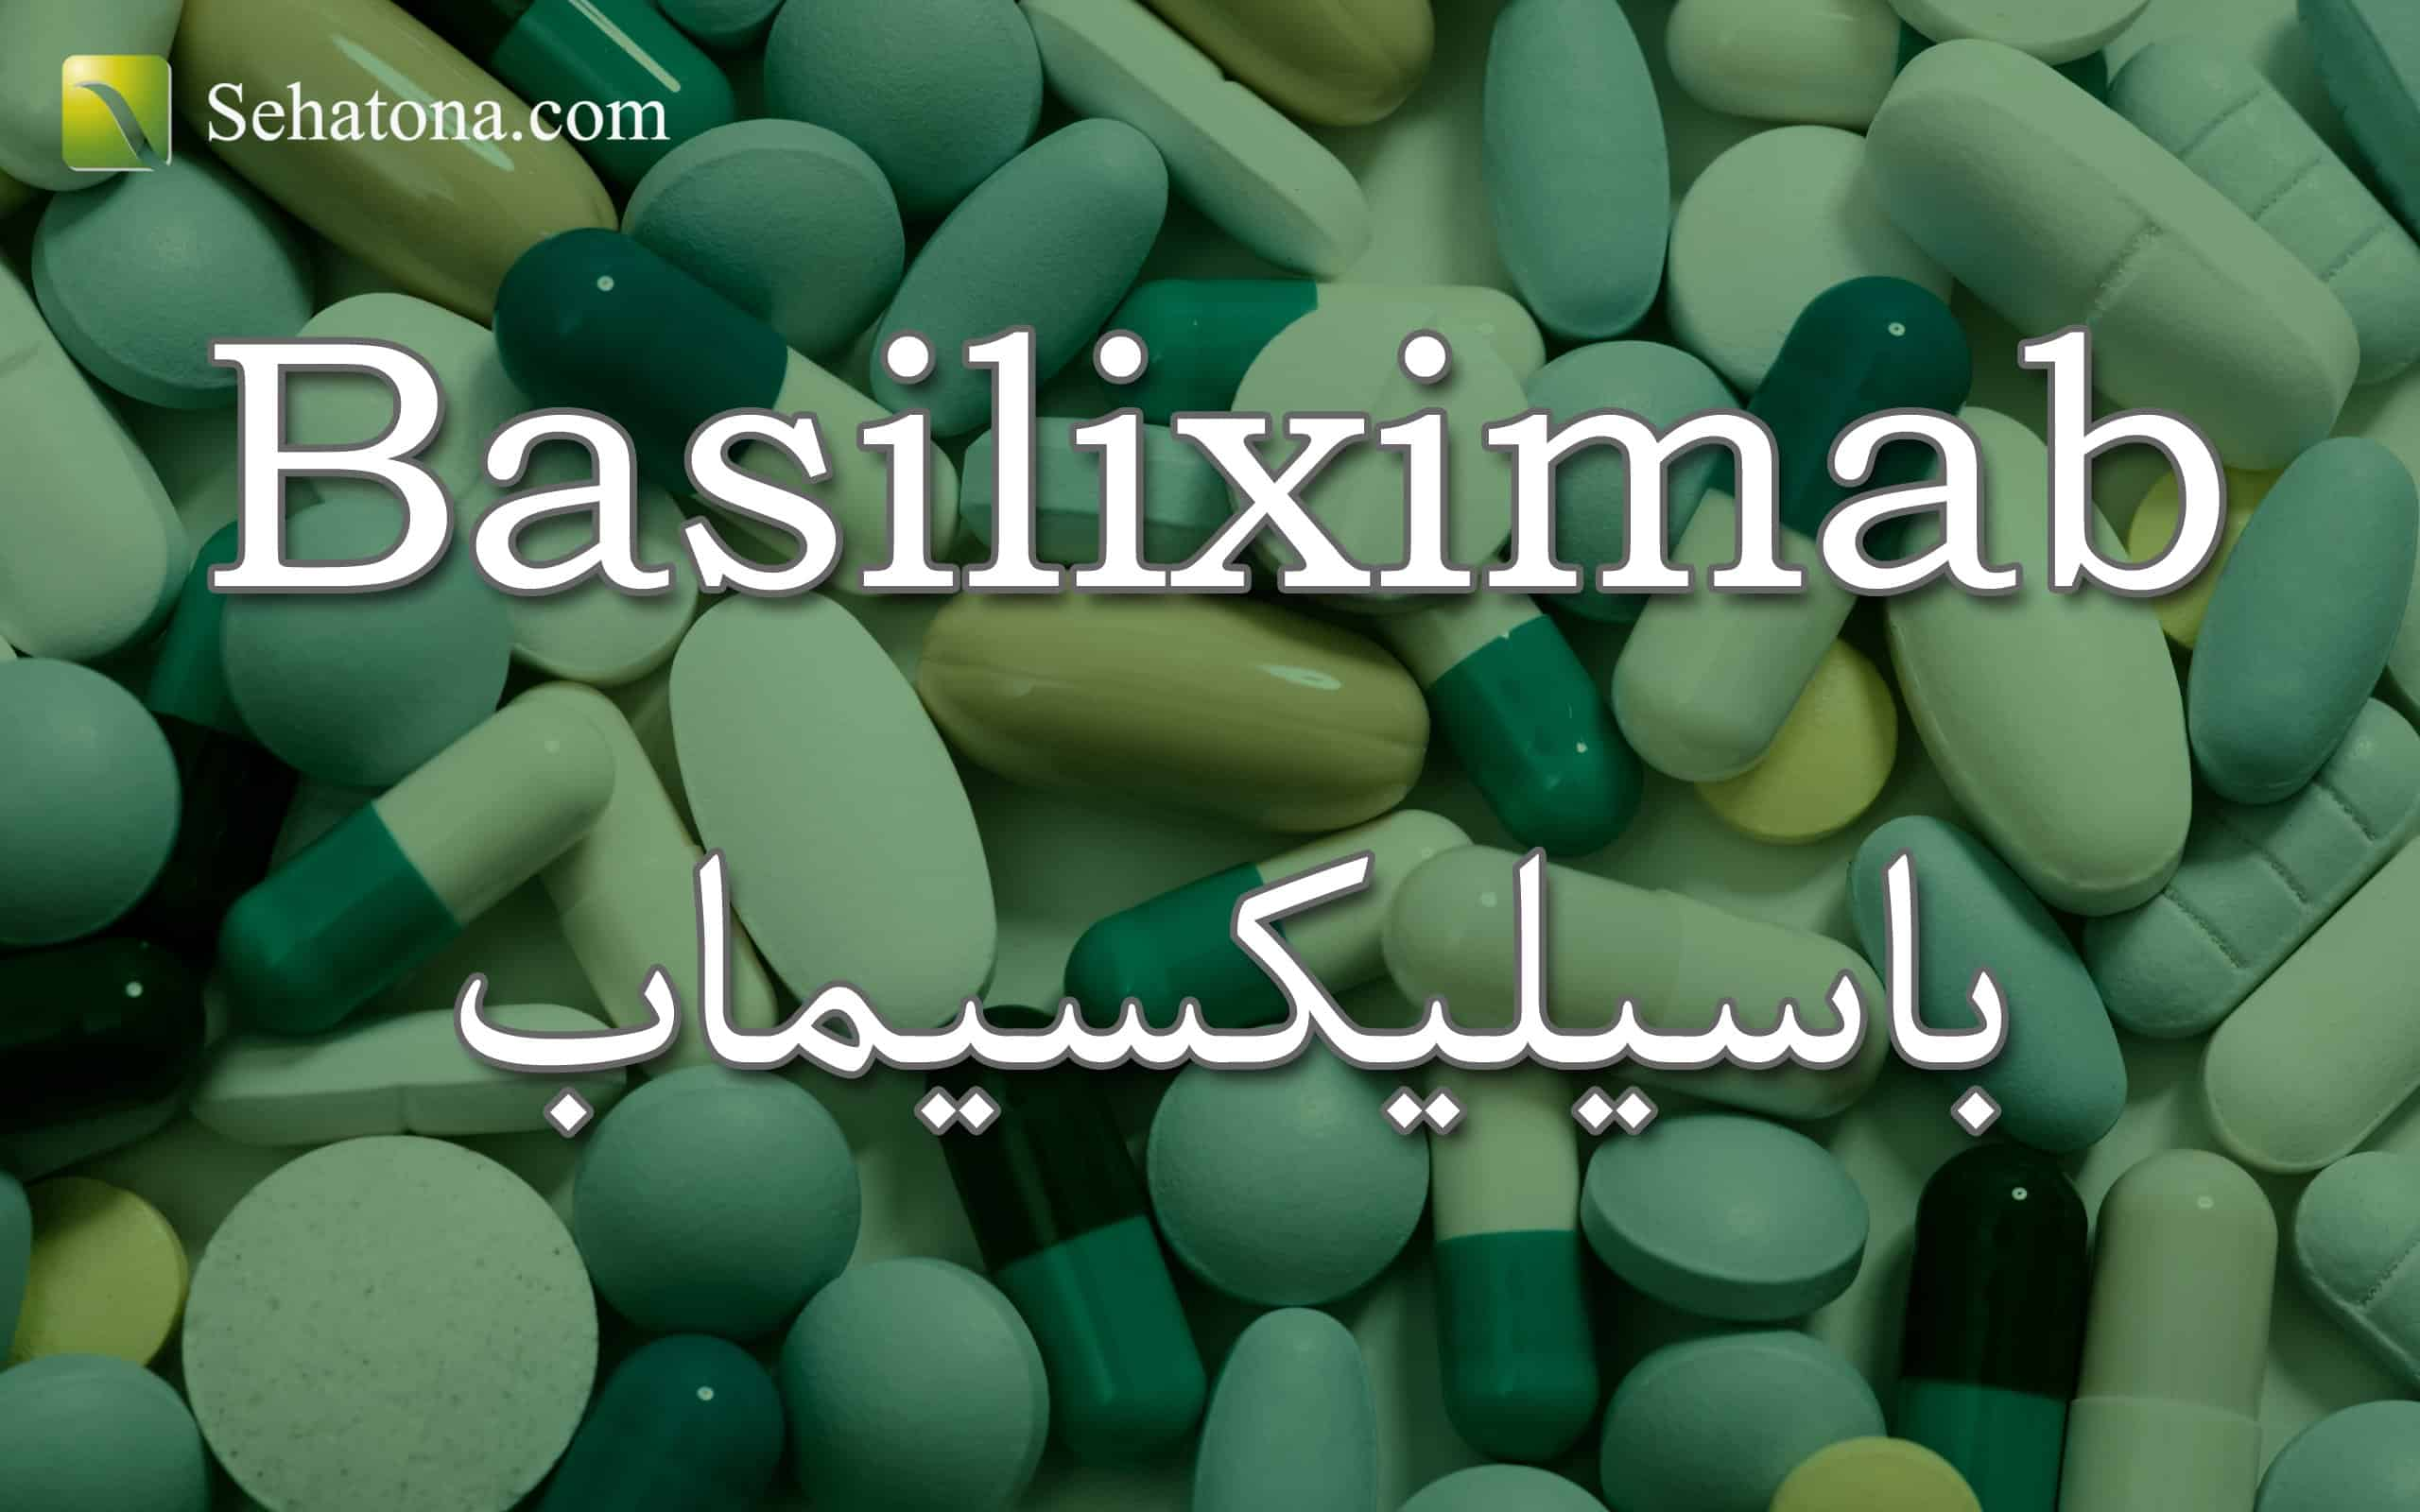 Basiliximab